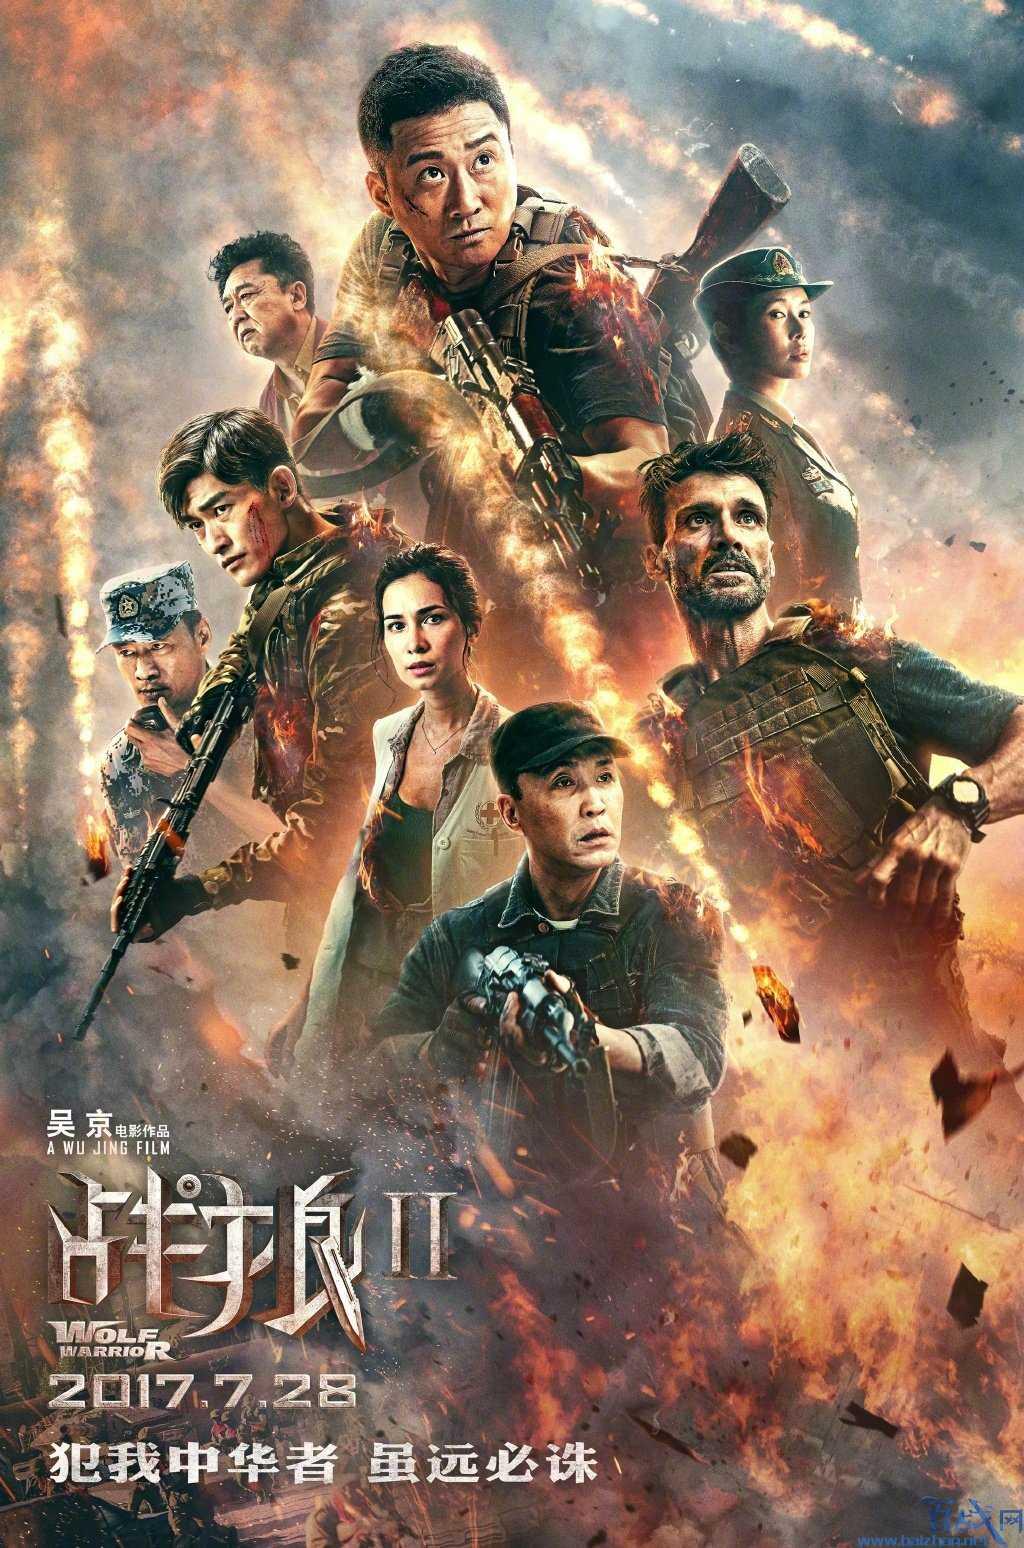 中国将成全球最大电影市场,中国最大电影市场,中国电影市场,全球最大电影市场